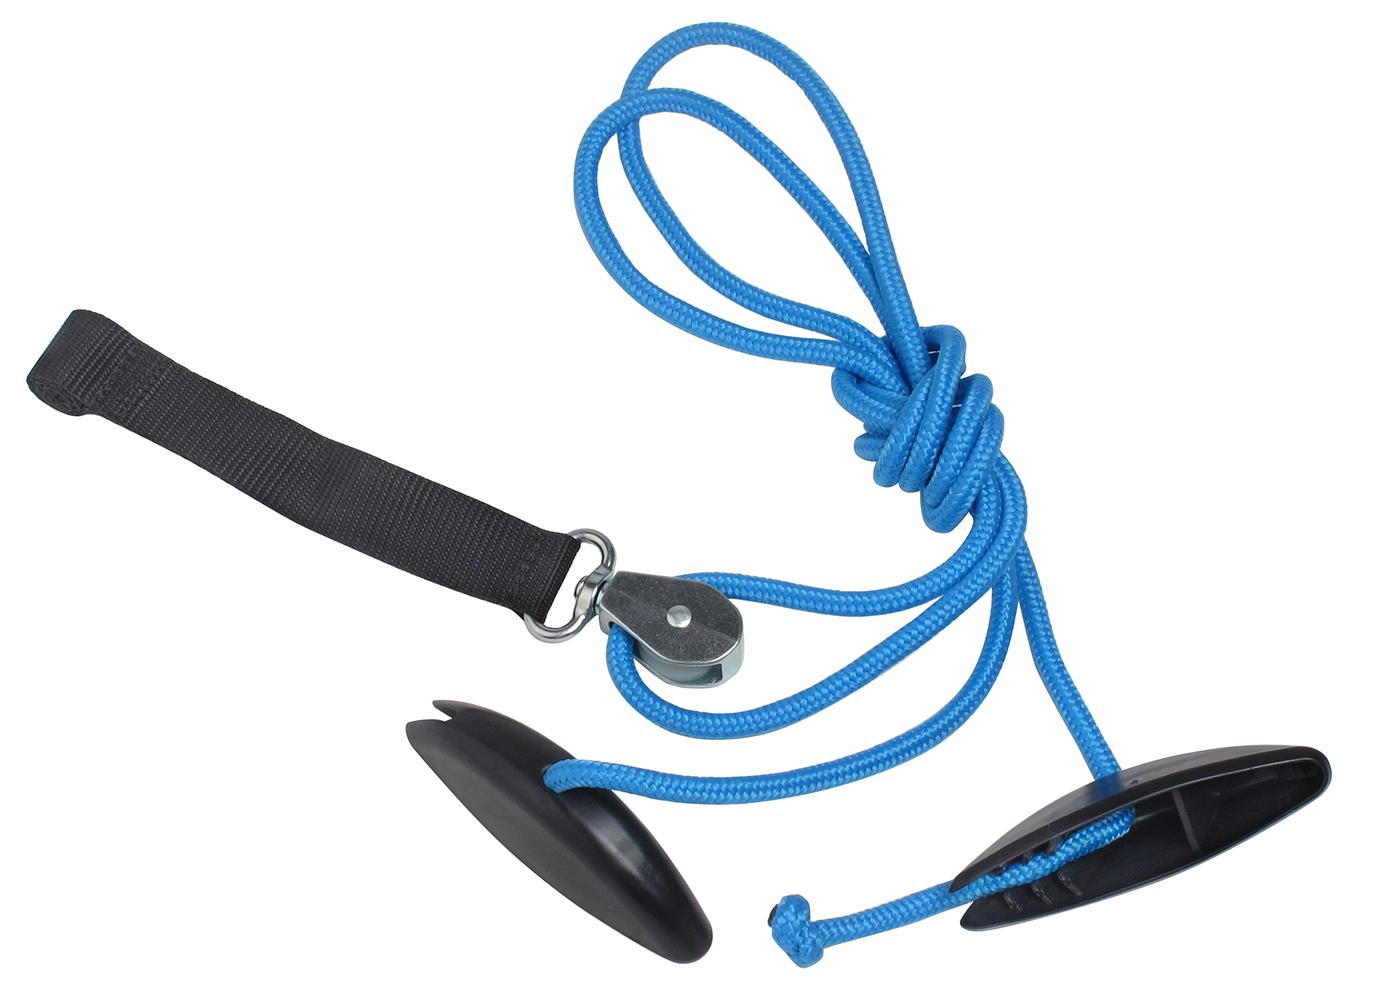 BlueRanger Shoulder Pulley with Web Strap